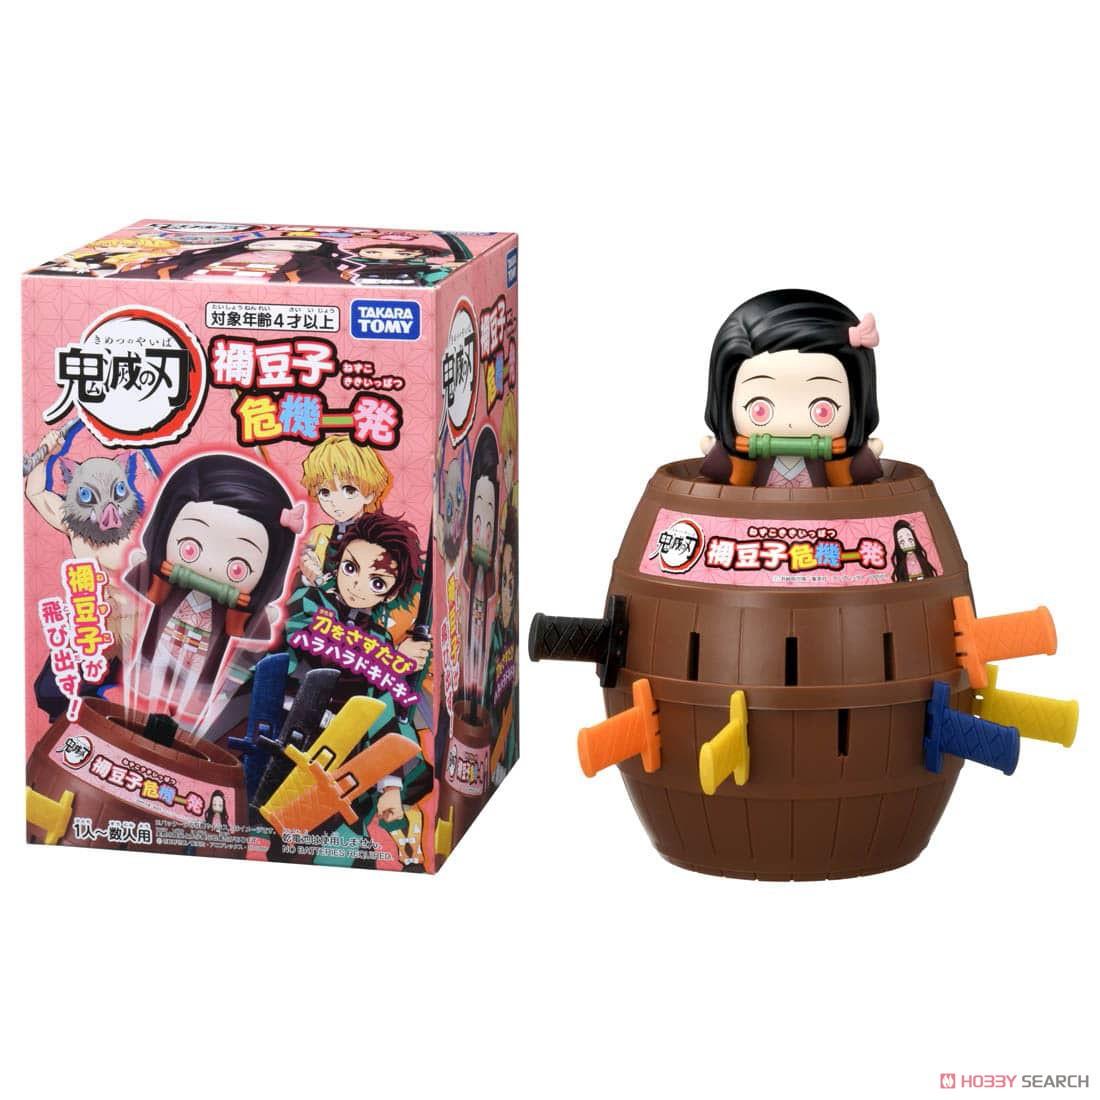 鬼滅の刃『禰豆子危機一発』テーブルゲーム-005